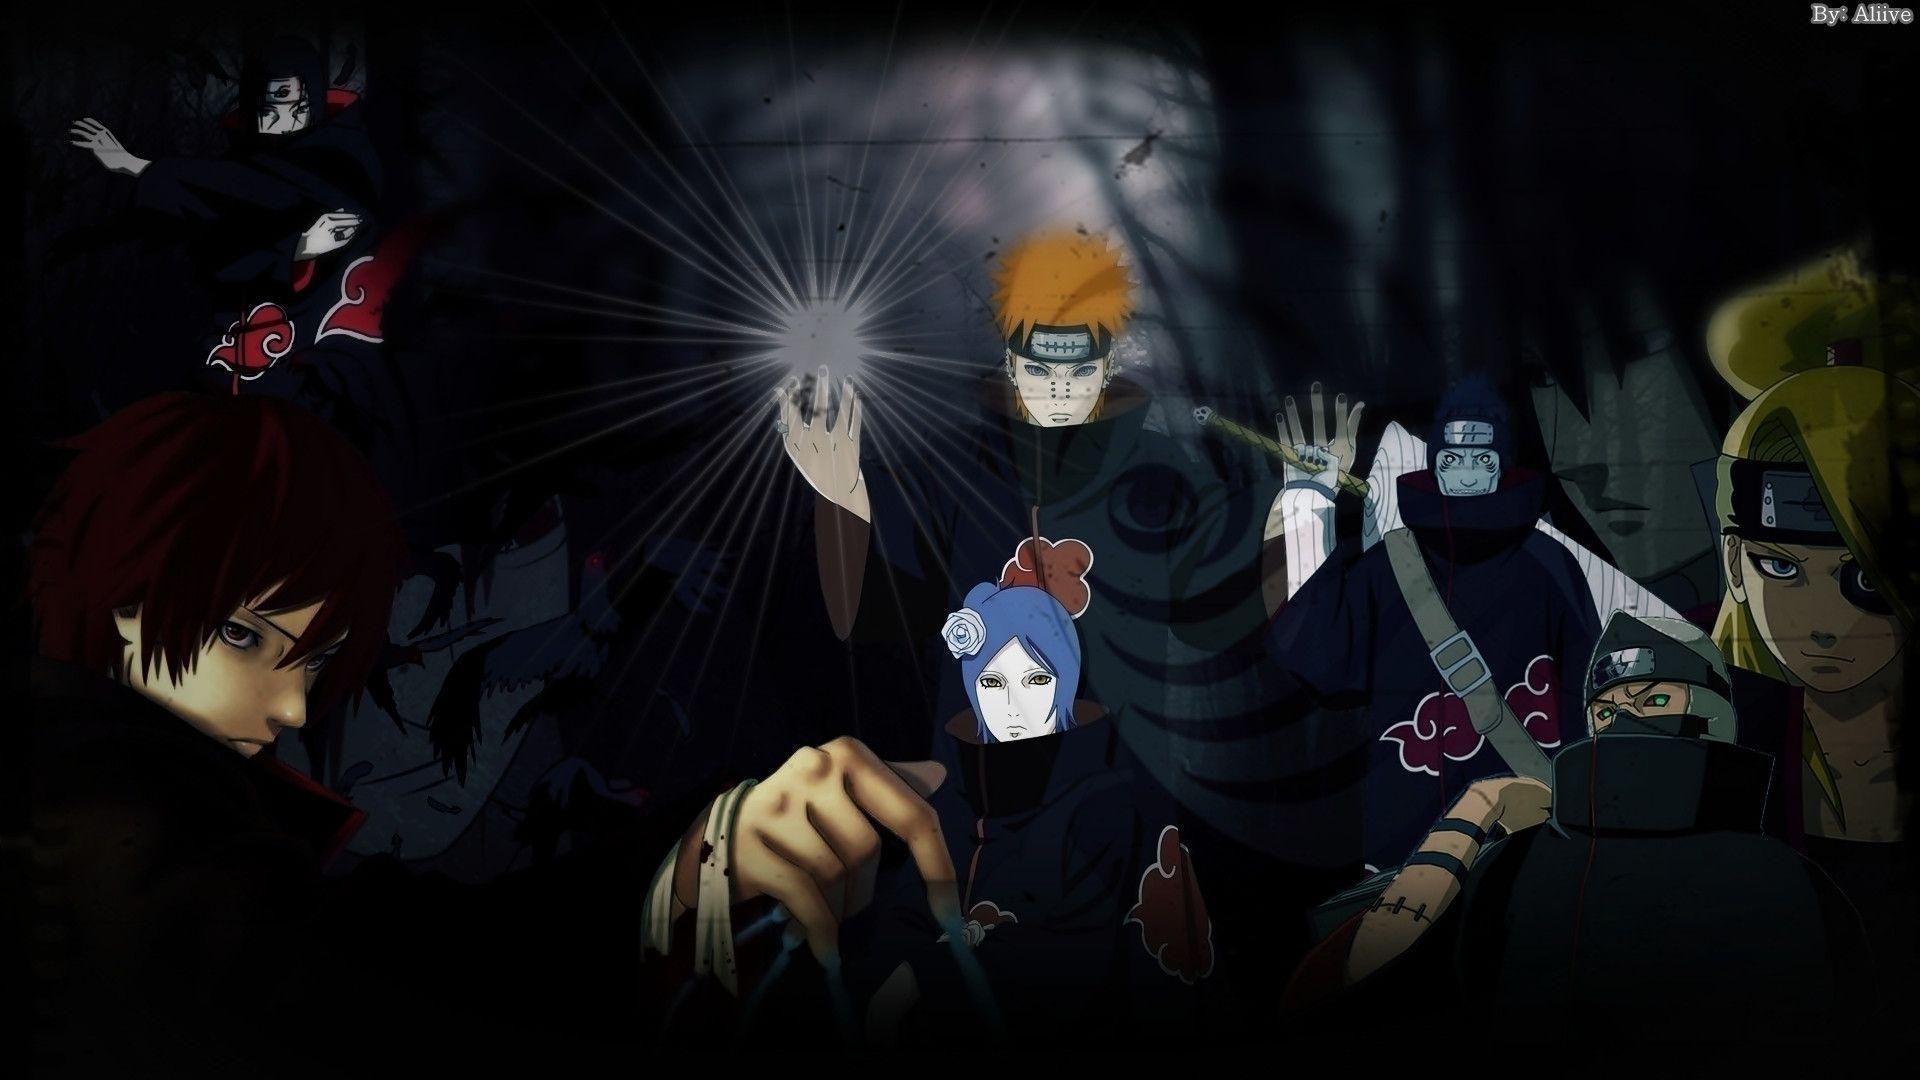 Naruto Shippuden Akatsuki HD Wallpaper Anime – Forkyu.